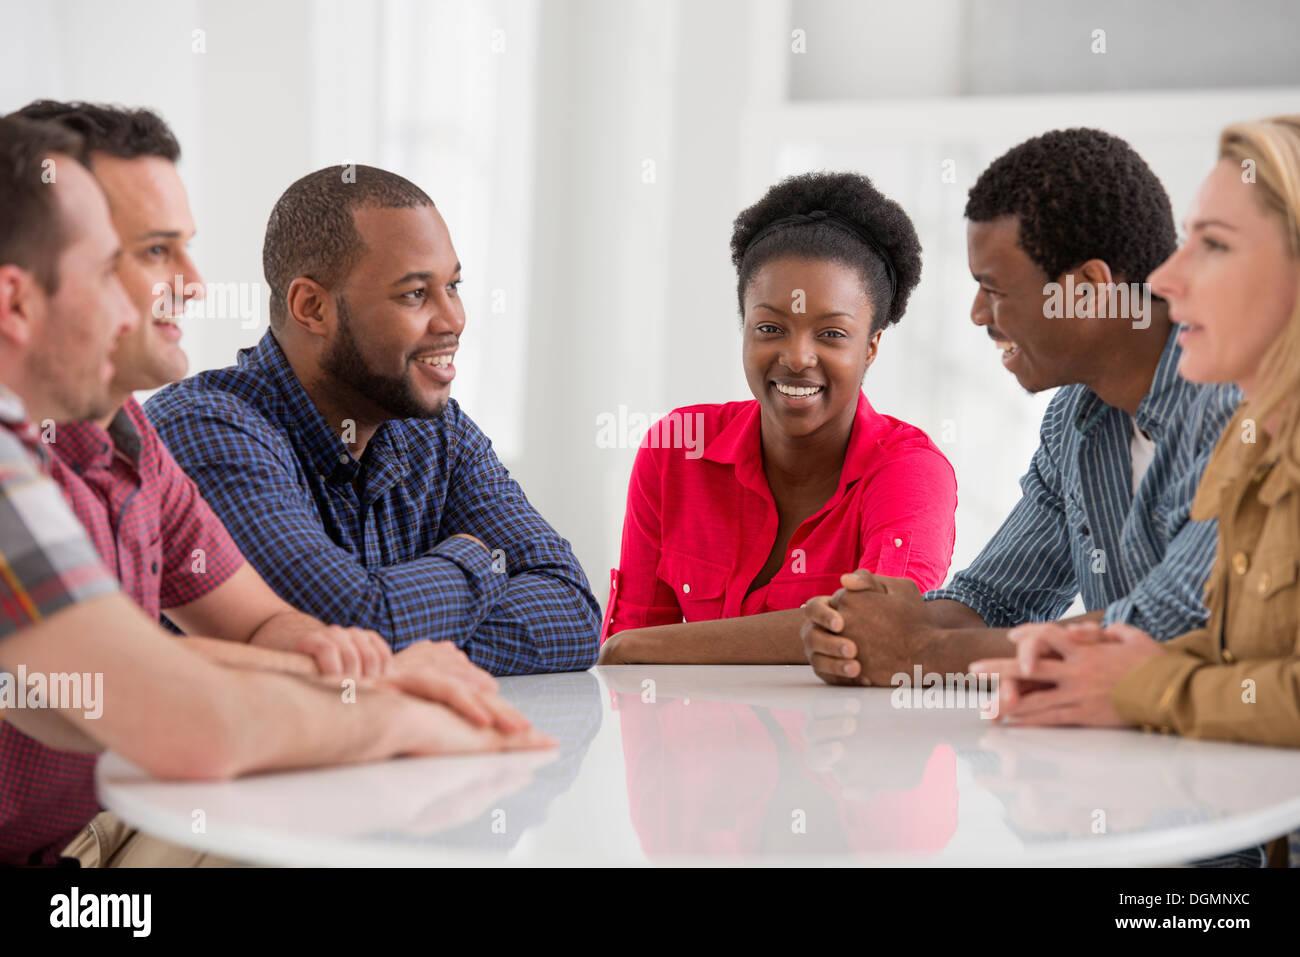 Ufficio. Un gruppo di quattro persone, due uomini e due donne seduti a parlare. Foto Stock